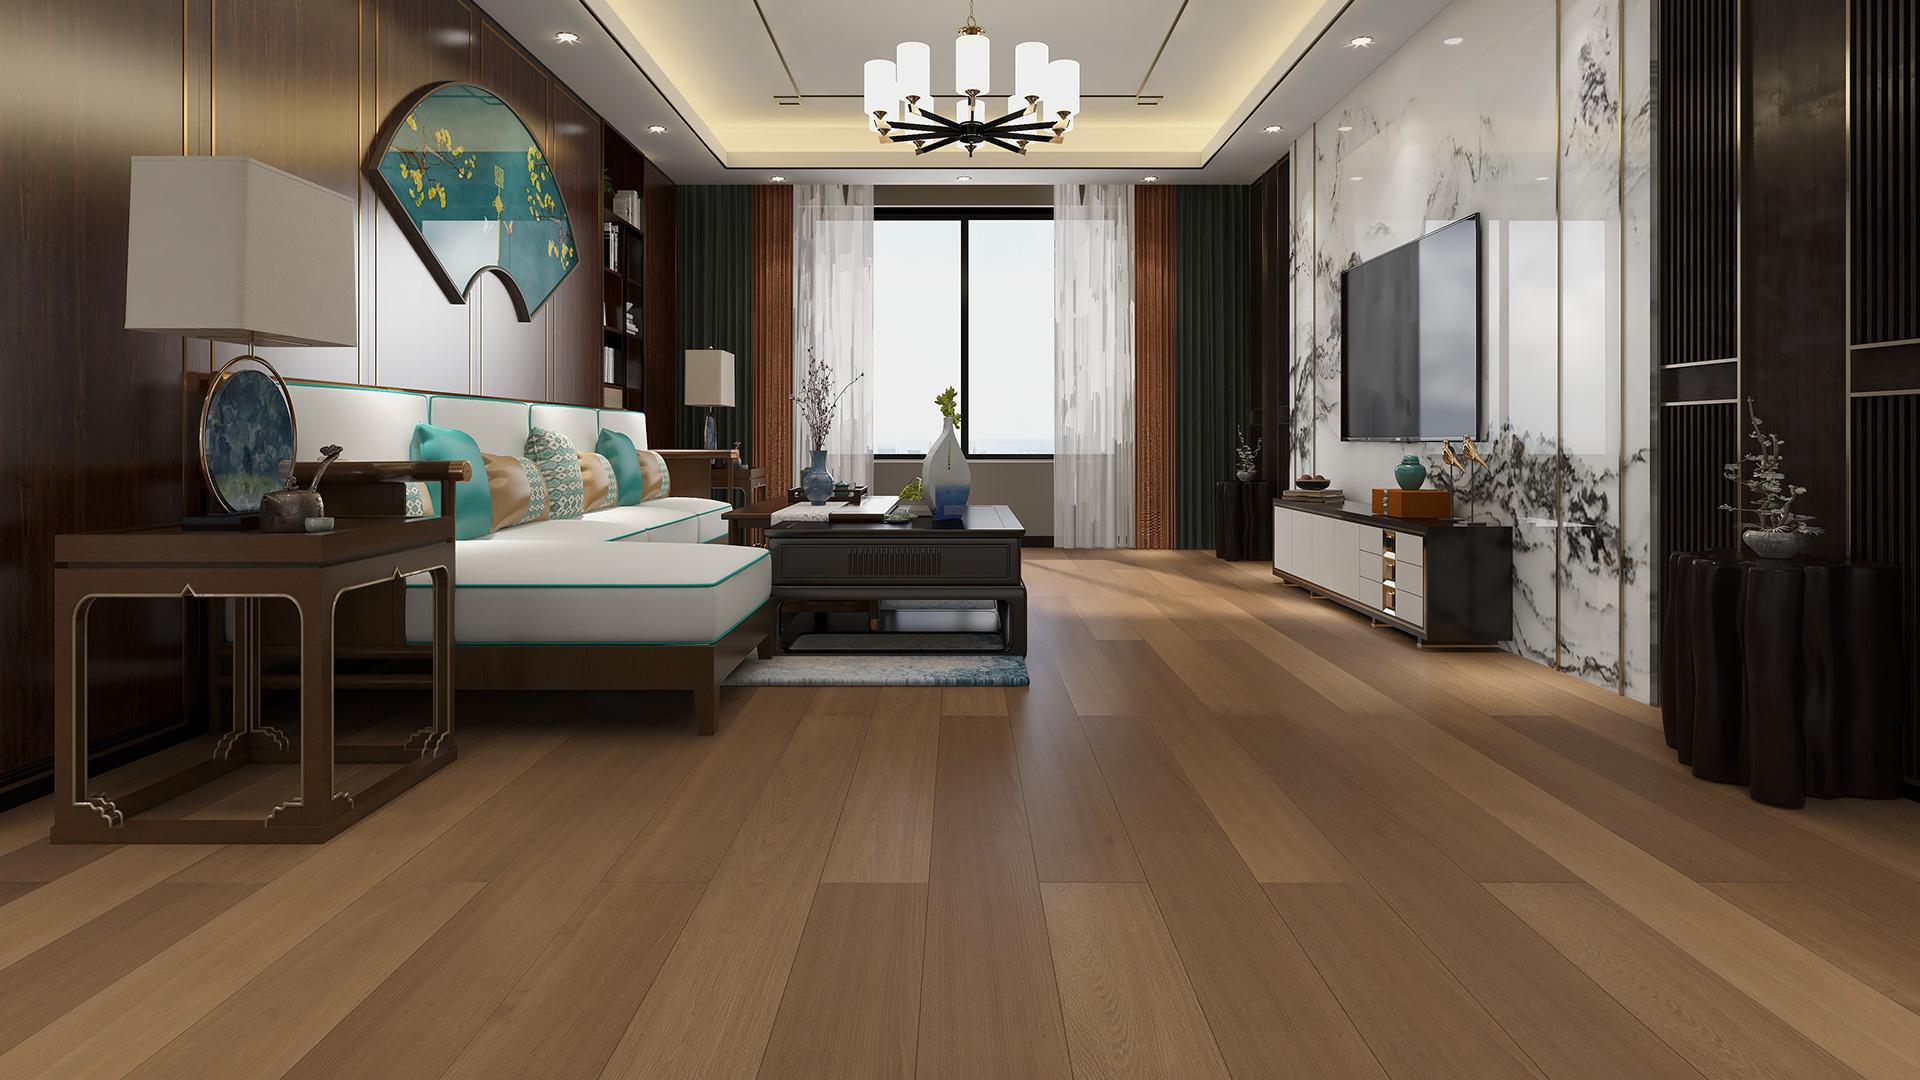 瑞典KAHRS实木复合地板,单拼柏林橡木